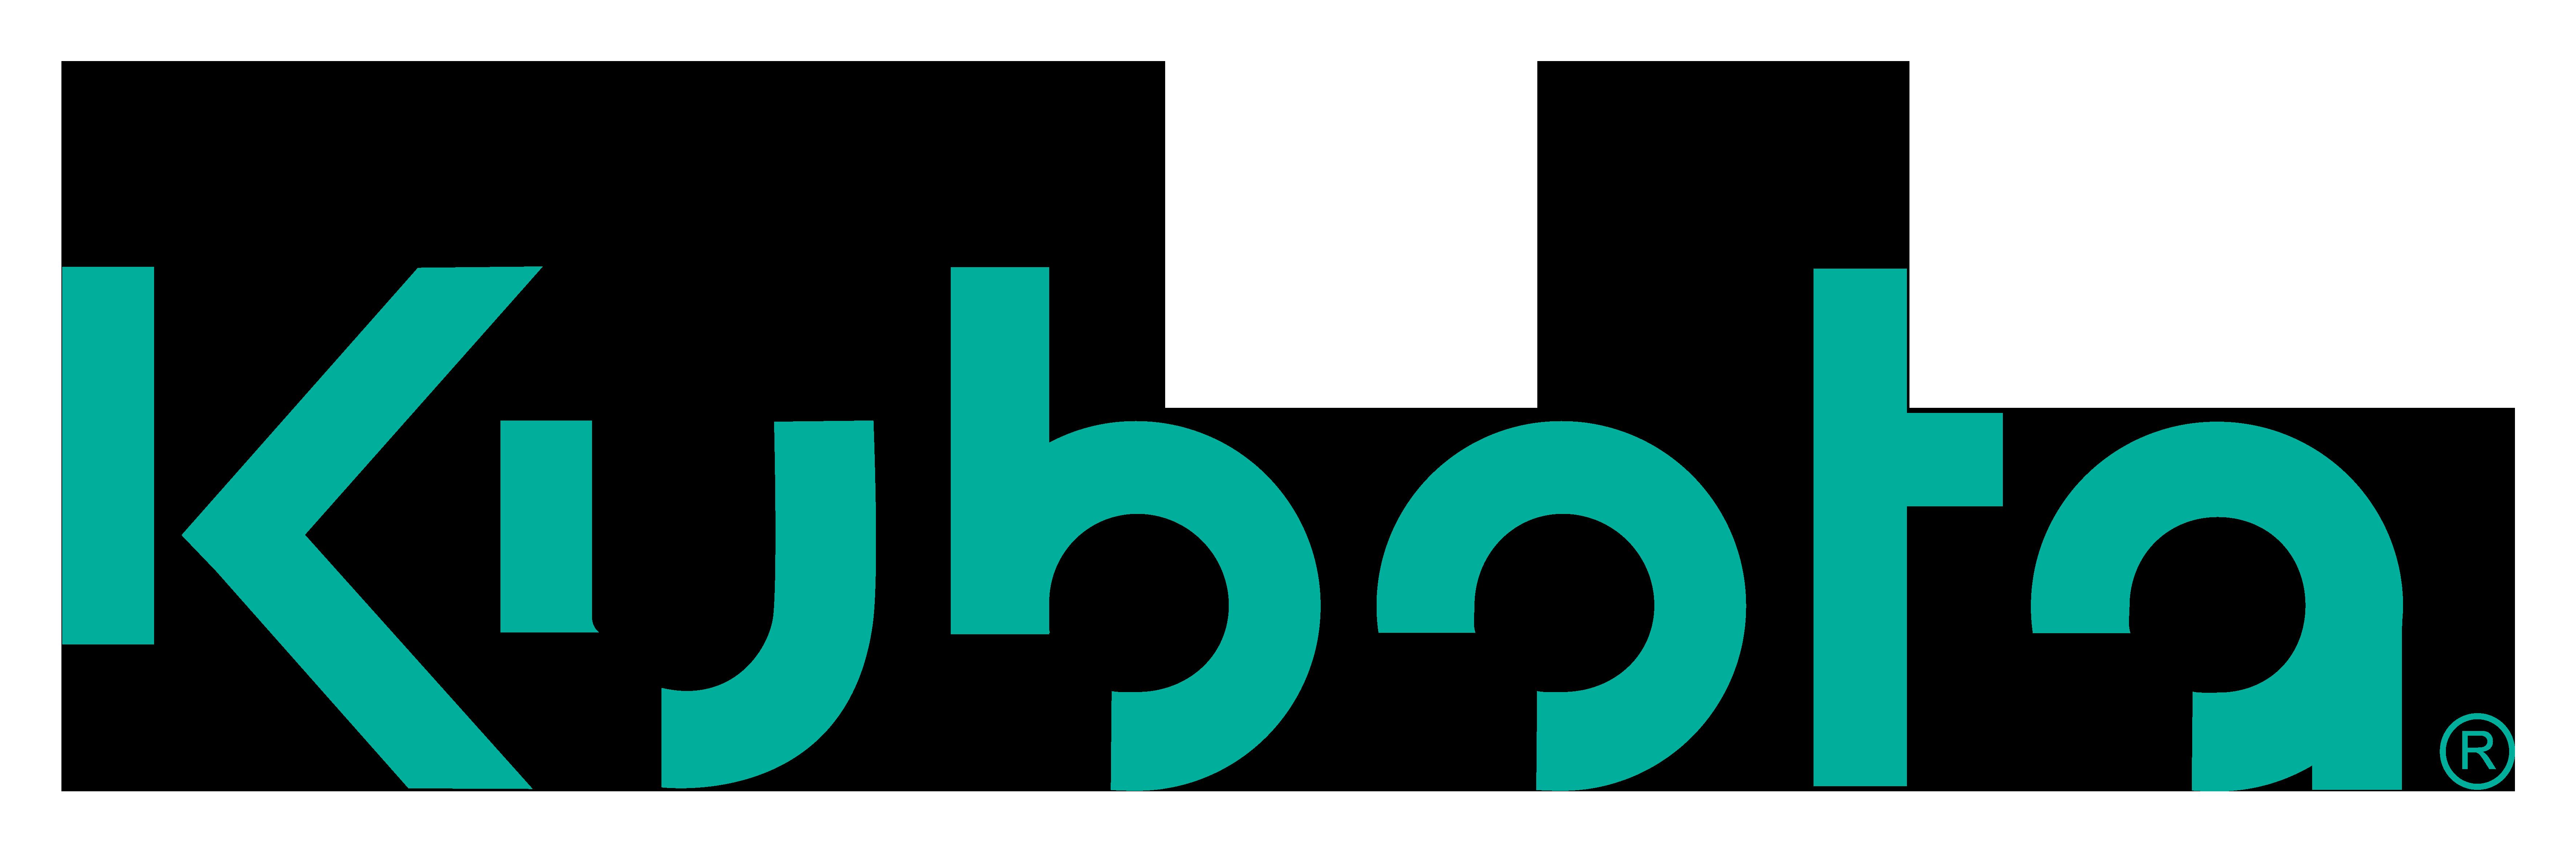 kabota logo